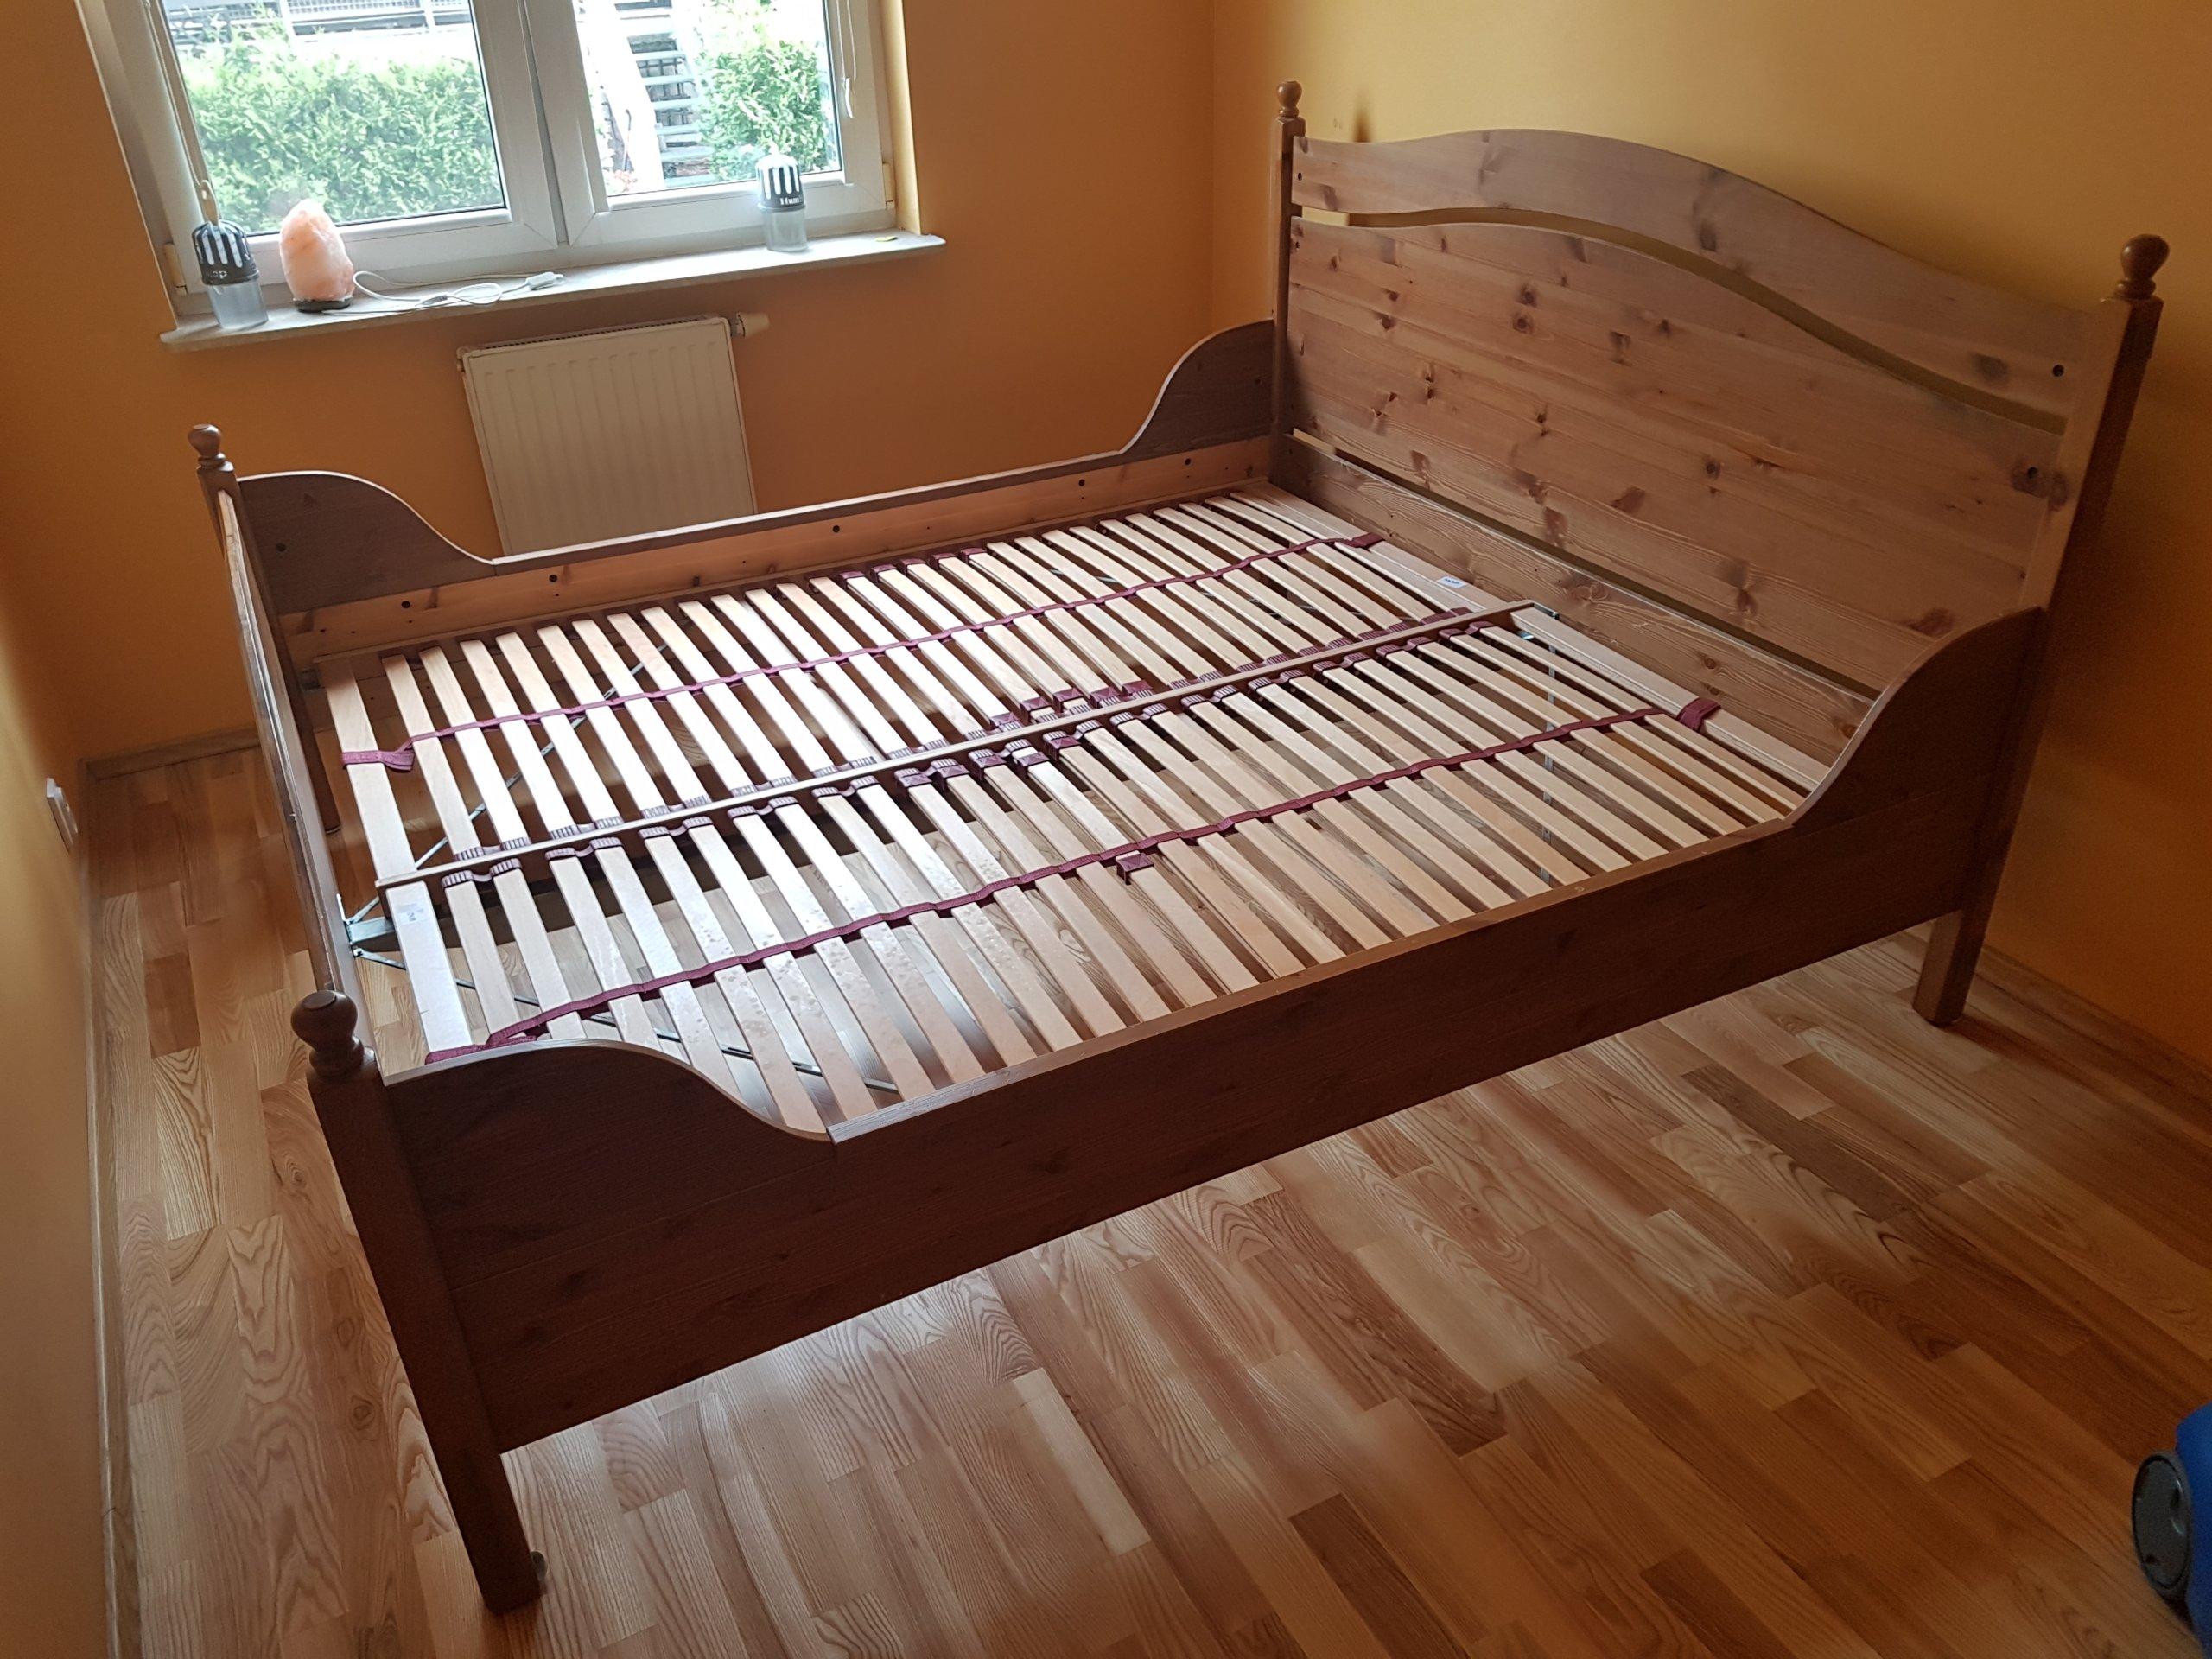 Zupełnie nowe Sypialnia łóżko drewniane porządne 212x185cm Ikea - 7340302208 NL82